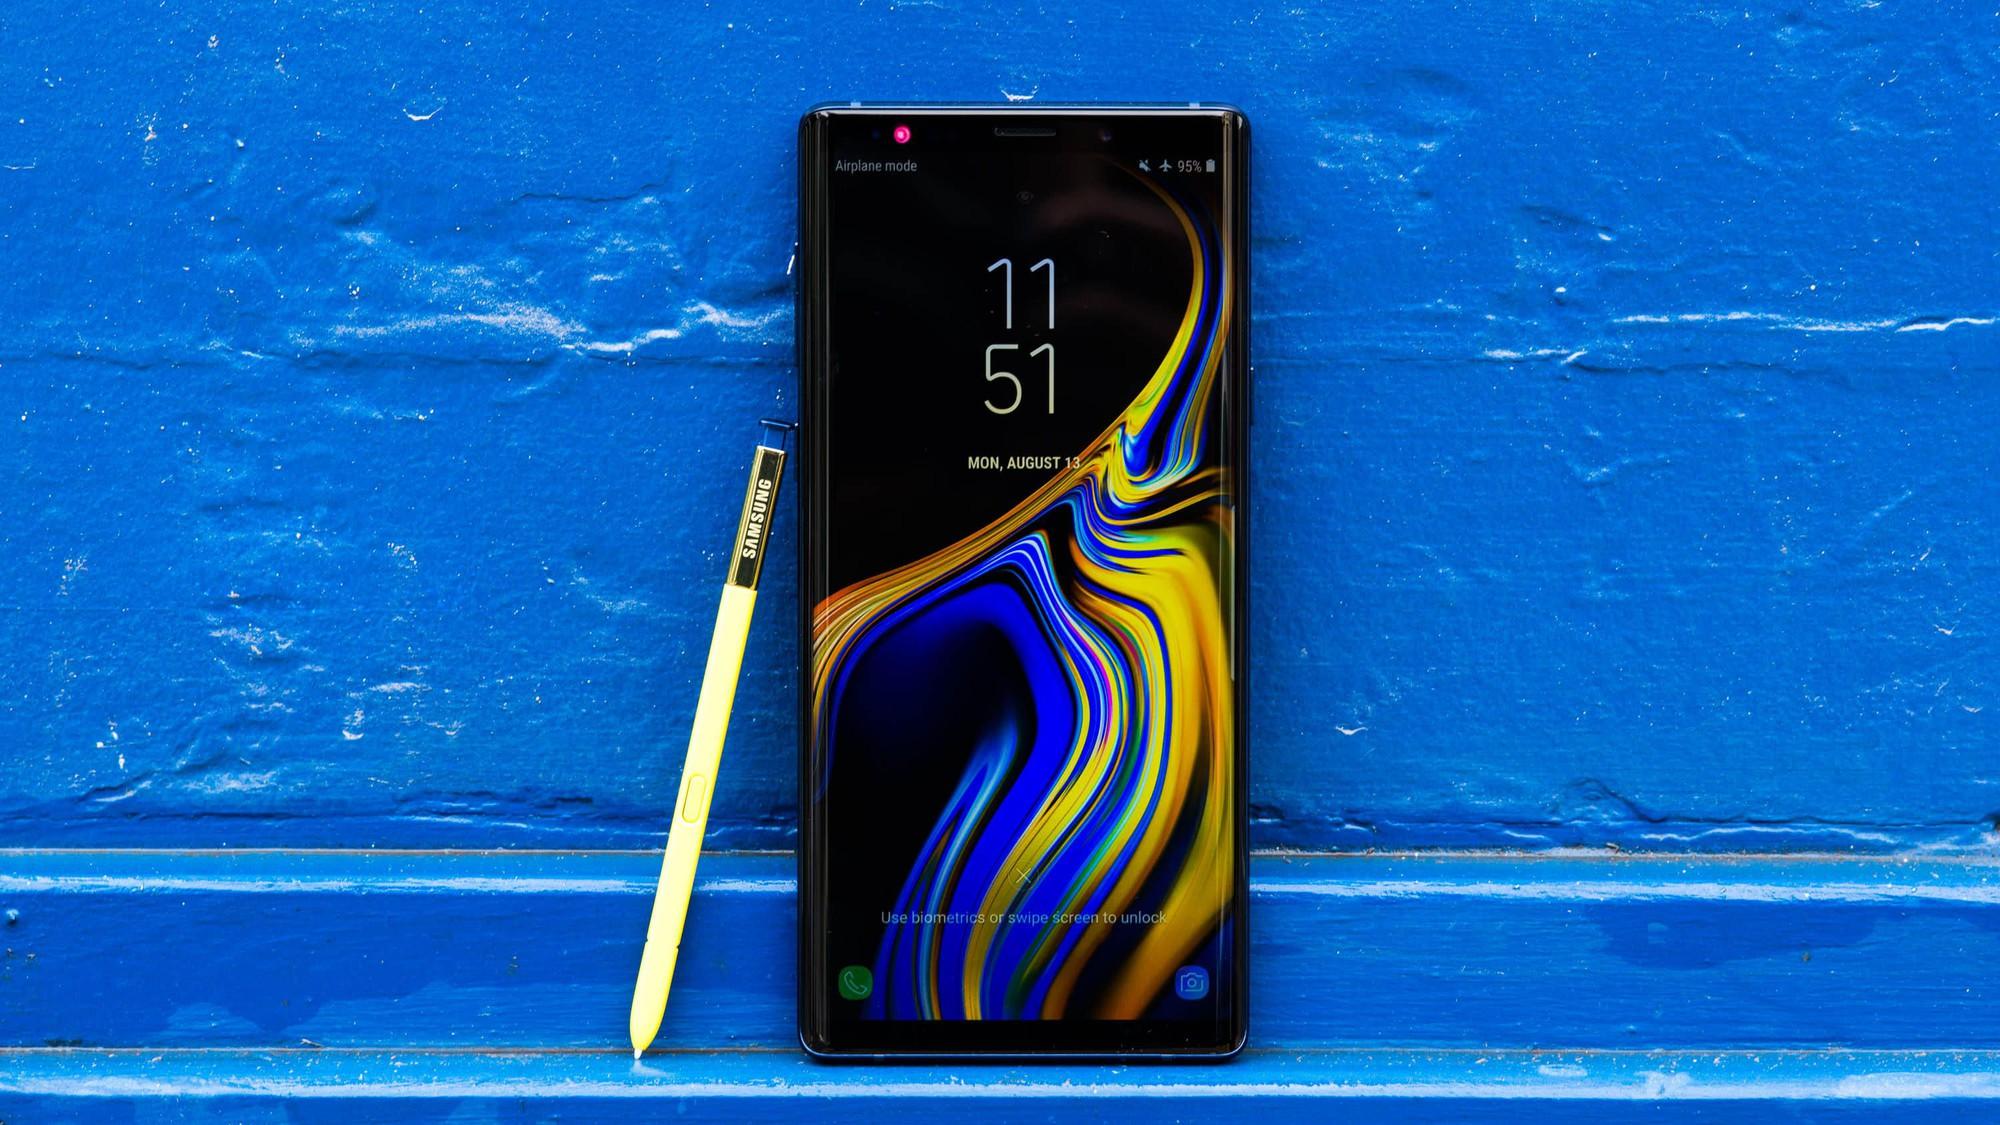 Galaxy Note 9 lại ẵm giải Thiết kế Ấn tượng nhất năm tại sự kiện công nghệ hàng đầu thế giới - Ảnh 2.